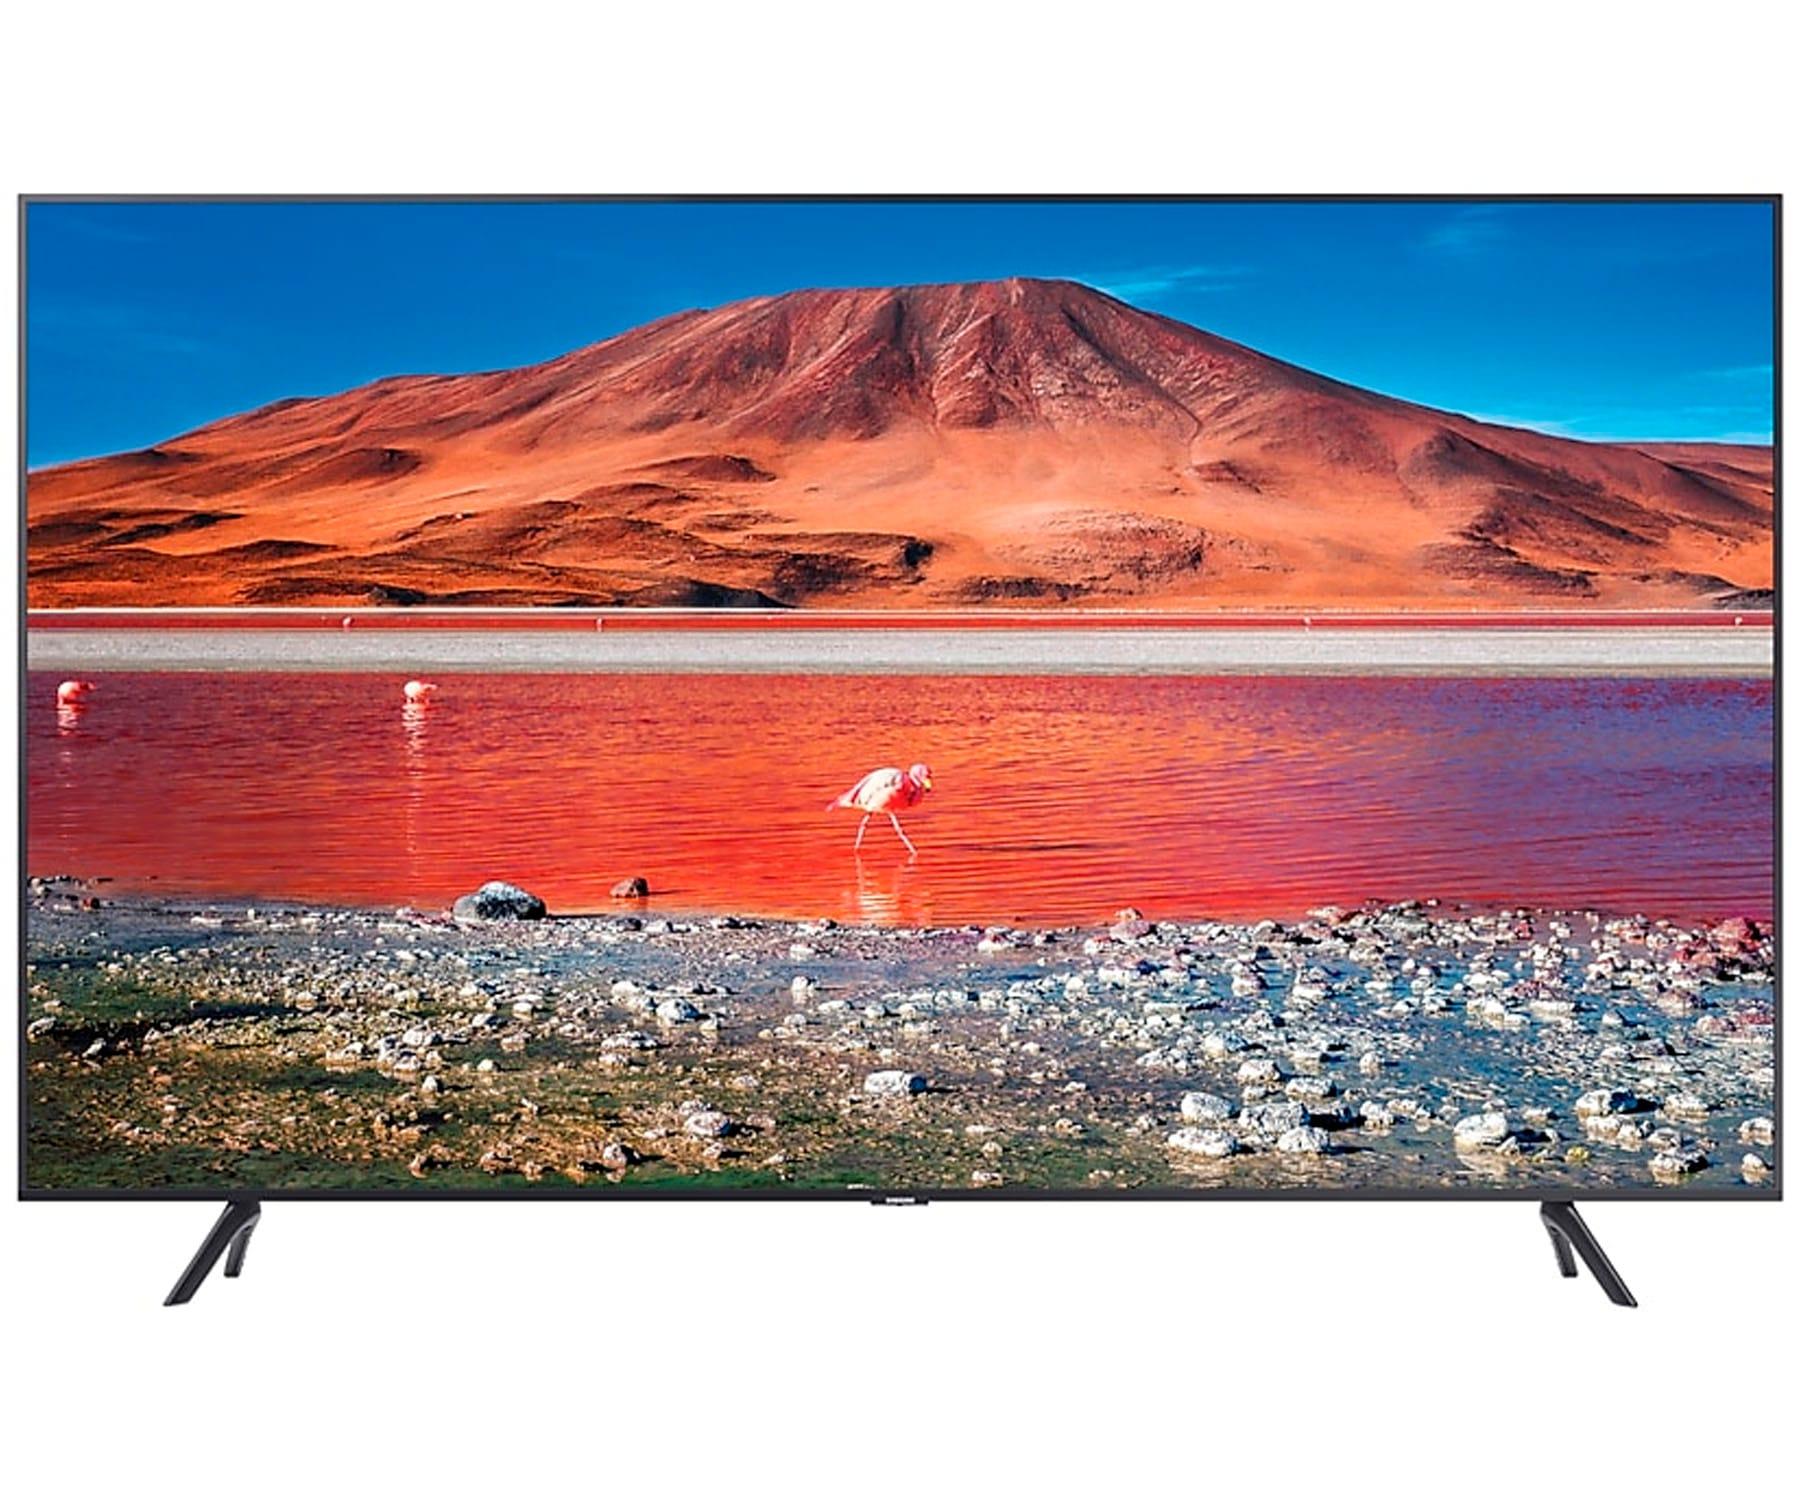 SAMSUNG UE50TU7105KXXC TELEVISOR 50'' LCD LED 4K HDR 2000PQI SMART TV WIFI